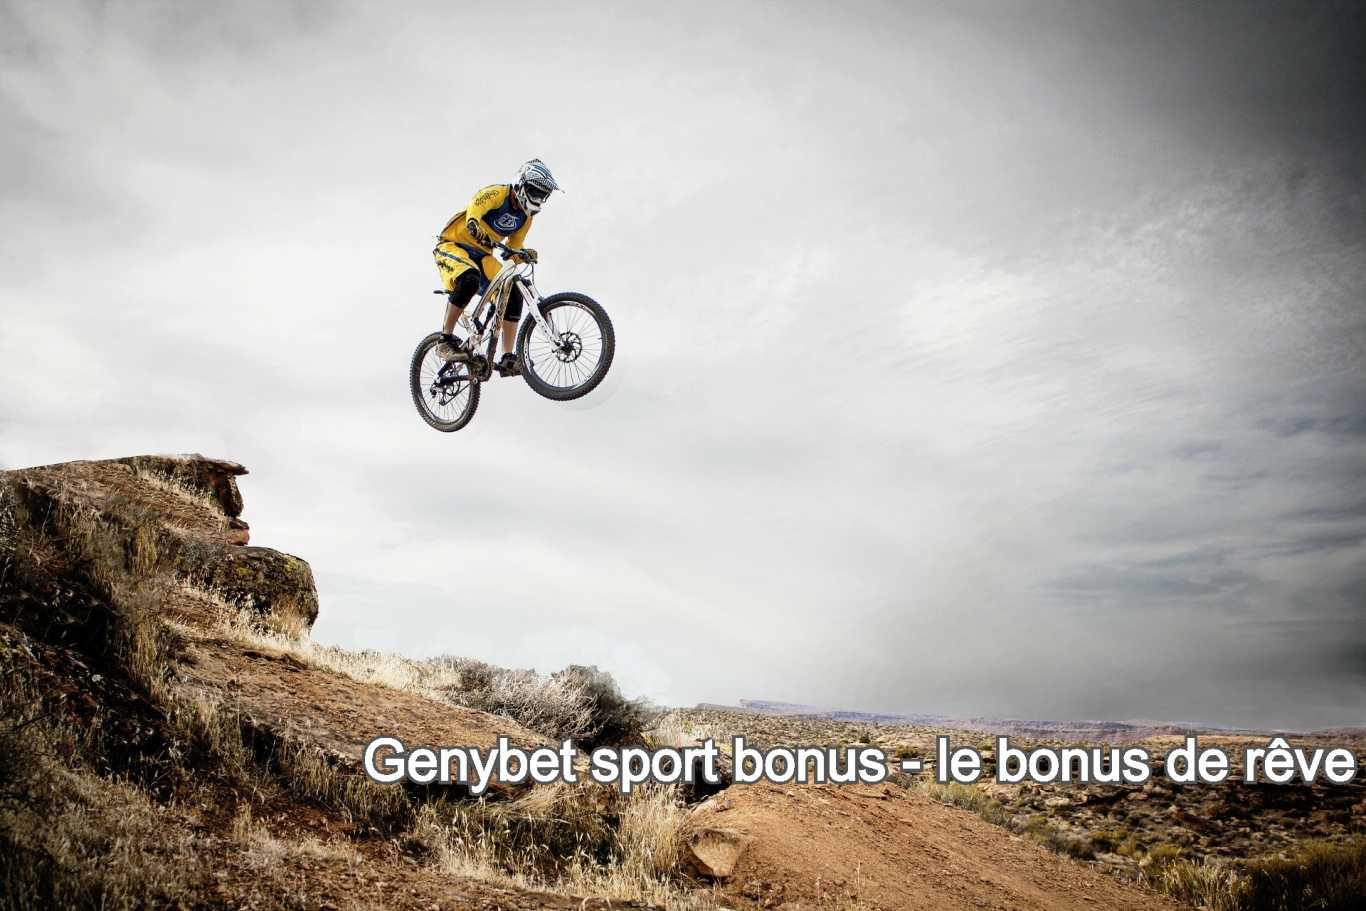 Genybet sport bonus - le bonus de rêve